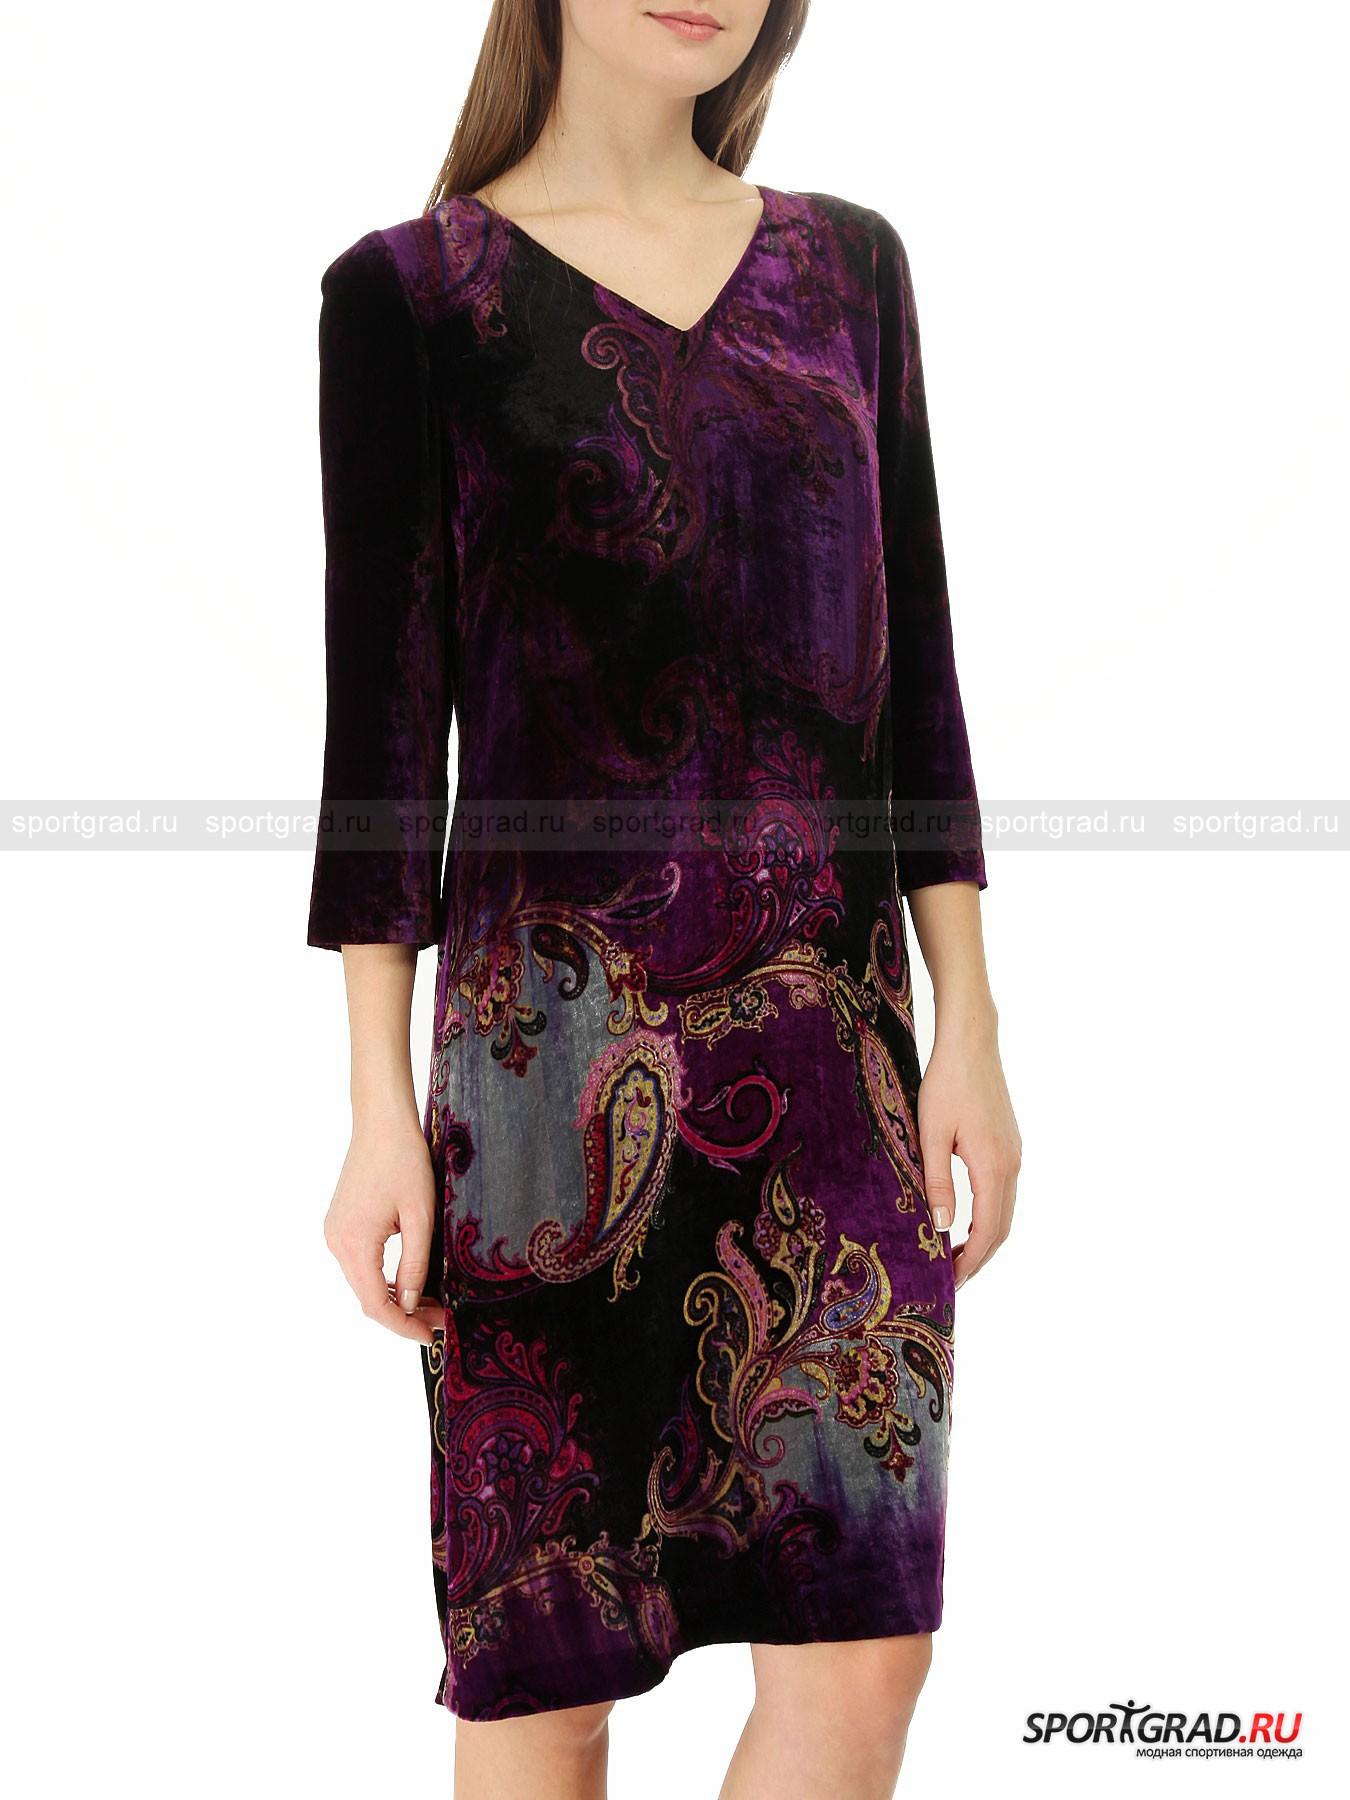 Платье бархатное EtroПлатья<br>Платье Etro прямого силуэта выделяется глубоким, благородным фиолетовым цветом и необычным материалом изготовления, напоминающим бархат. Несмотря на кажущуюся громоздкость, ткань тонкая и приятная к телу. <br><br>Простой фасон платья позволяет скрыть возможные недостатки фигуры, сделав акцент на стройных ногах. Орнамент «пейсли» вкупе с бархатистой поверхностью делают его похожим на наряд восточной красавицы из сказок «1001 ночь».<br><br>Пол: Женский<br>Возраст: Взрослый<br>Тип: Платья<br>Рекомендации по уходу: не стирать; не отбеливать; гладить слегка нагретым утюгом (температура до 110 C); химическая чистка сухим способом; нельзя выжимать и сушить в стиральной машине<br>Состав: 82% вискоза, 18% шелк; подкладка 55% ацетат, 44% вискоза